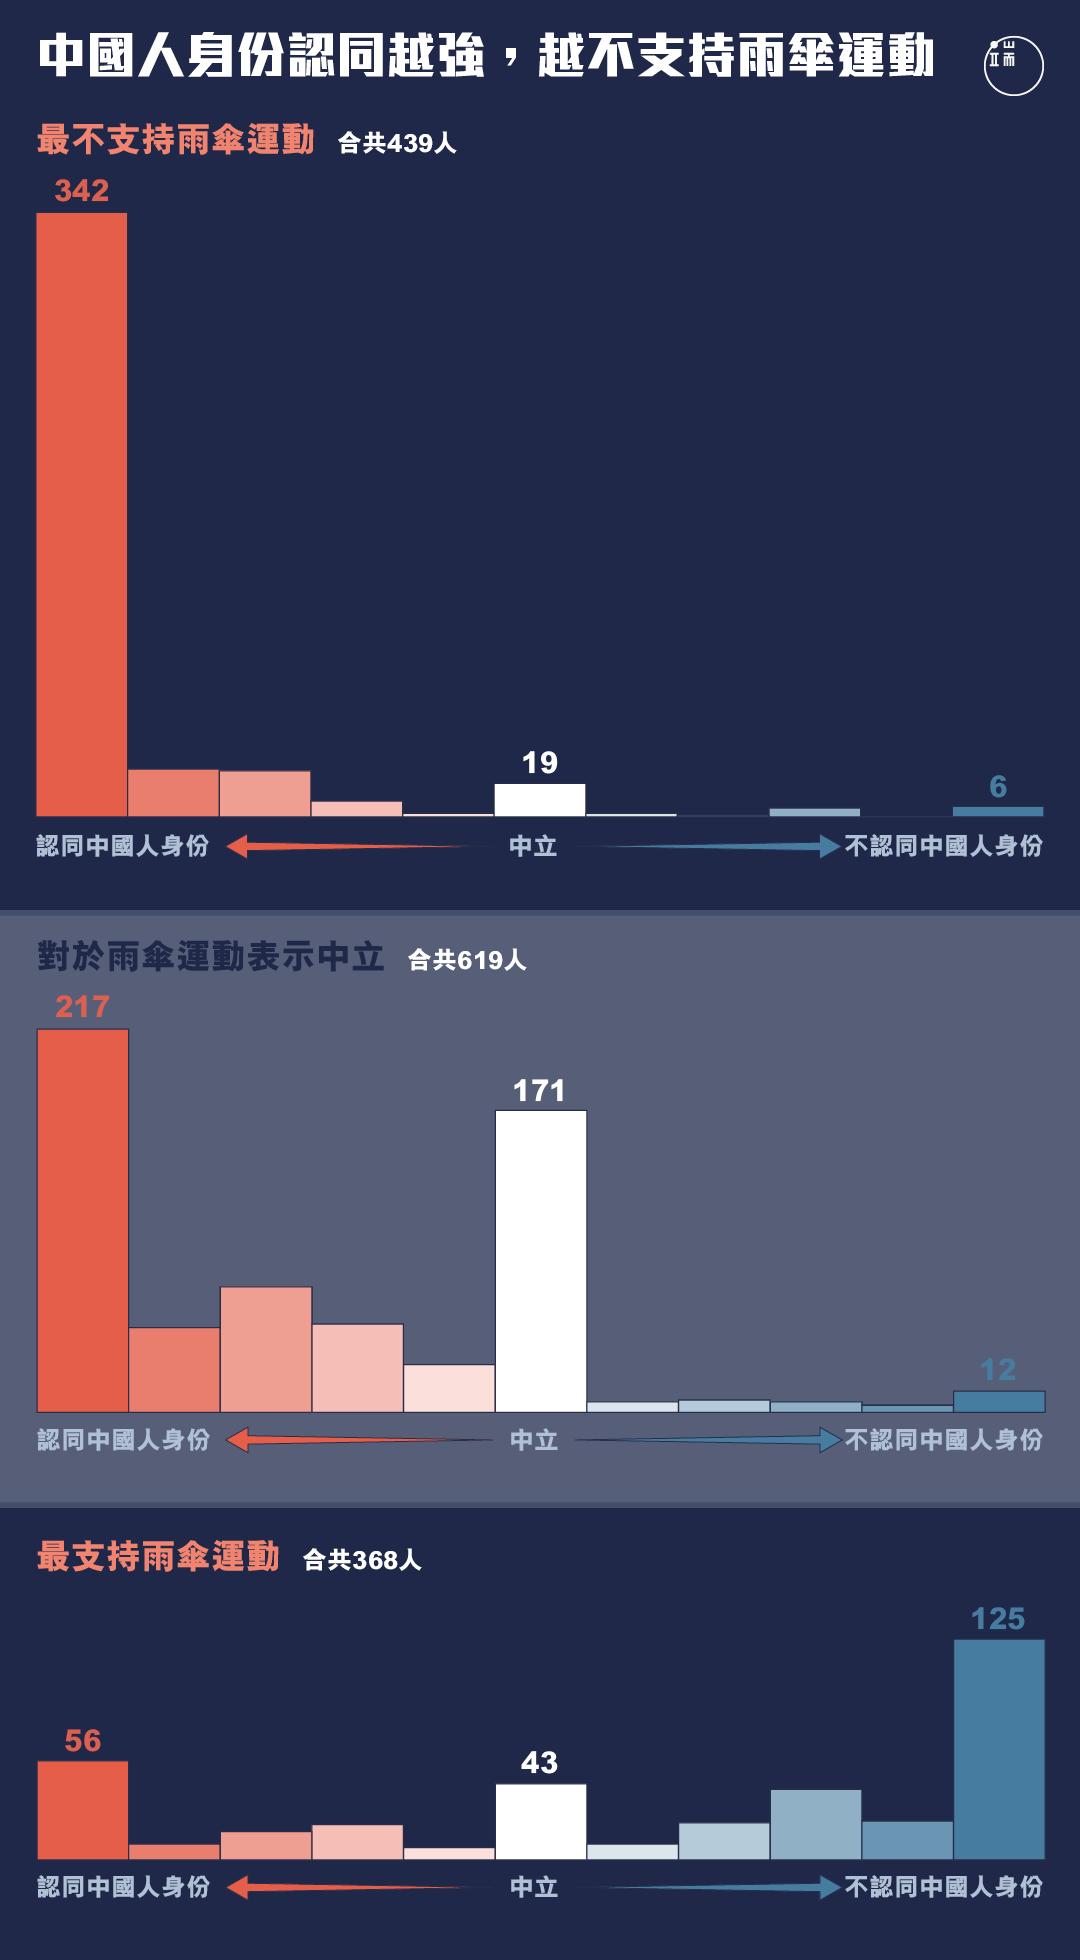 中國人身份認同與對雨傘運動的認同,在港漂中呈現負相關趨向。